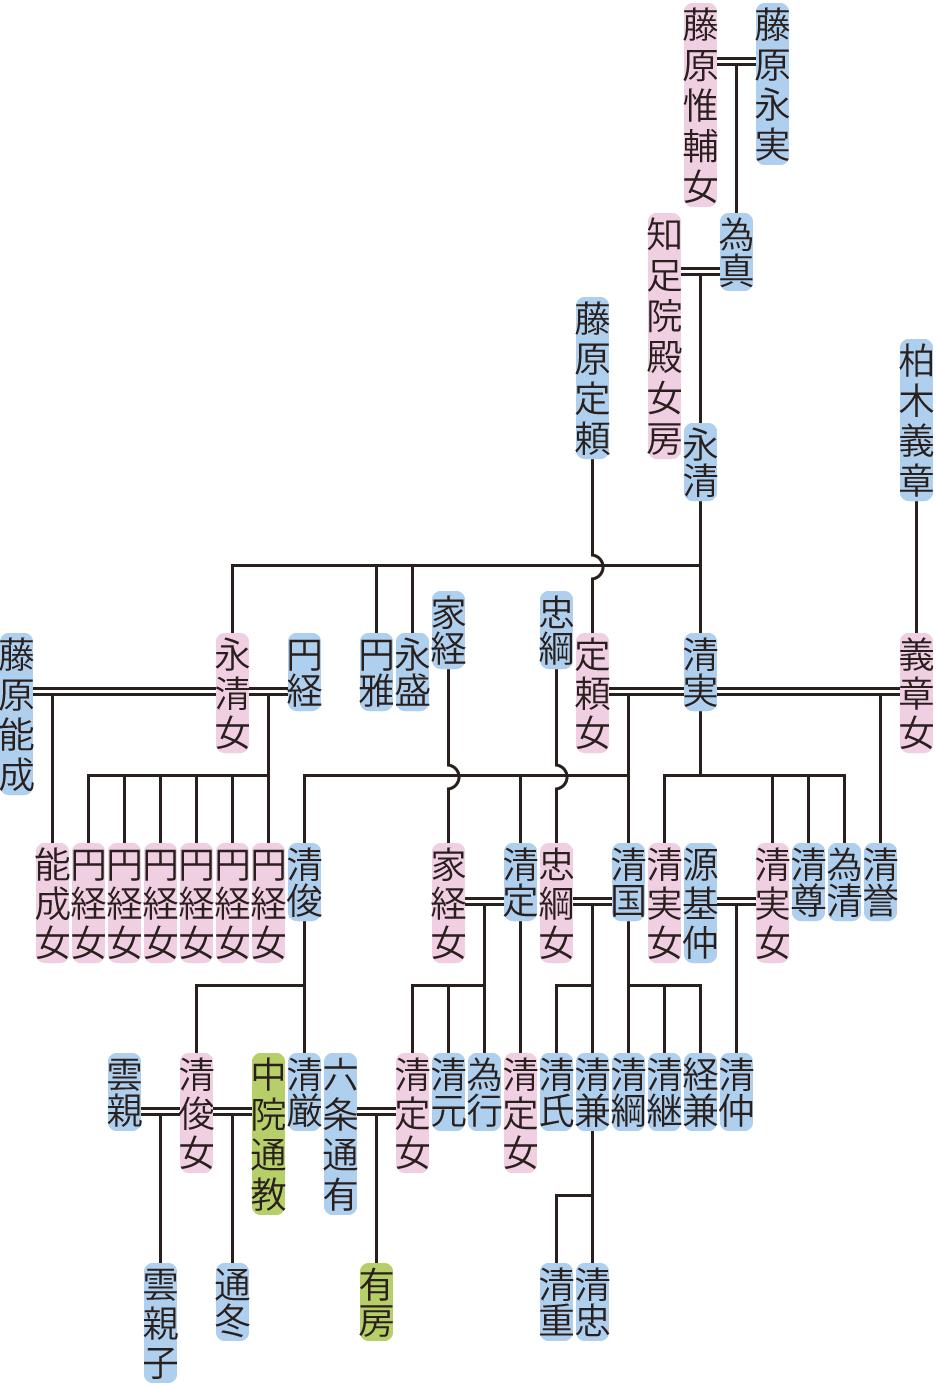 藤原永清の系図